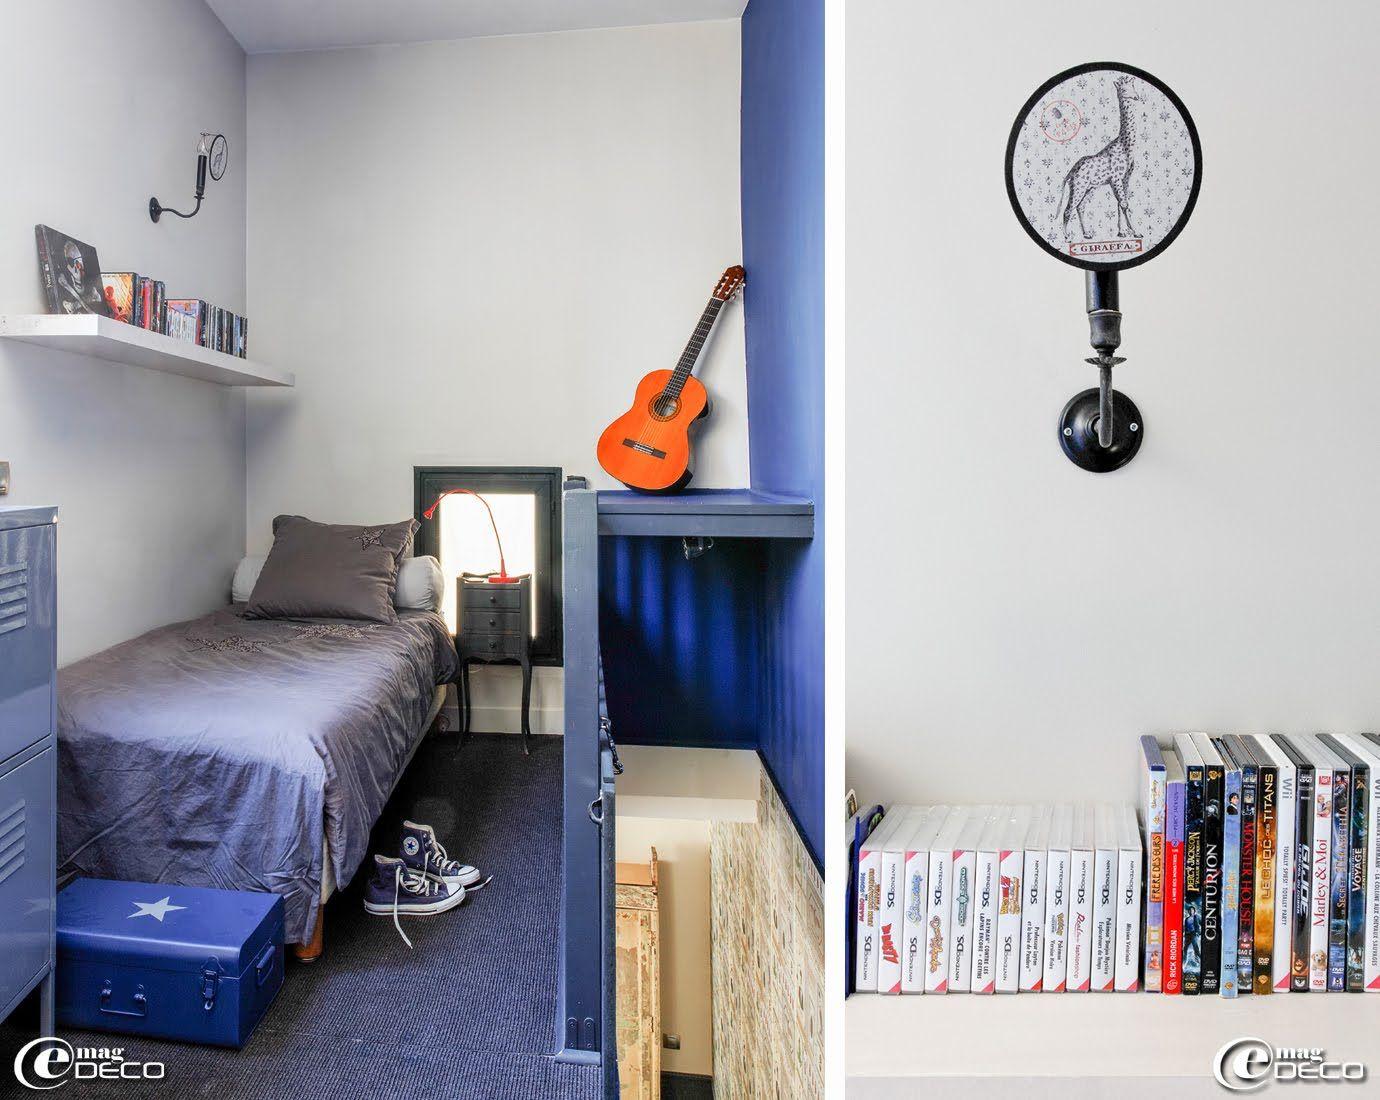 Un loft parisien lové autour d'une cour ~ e-magDECO : Magazine de décoration